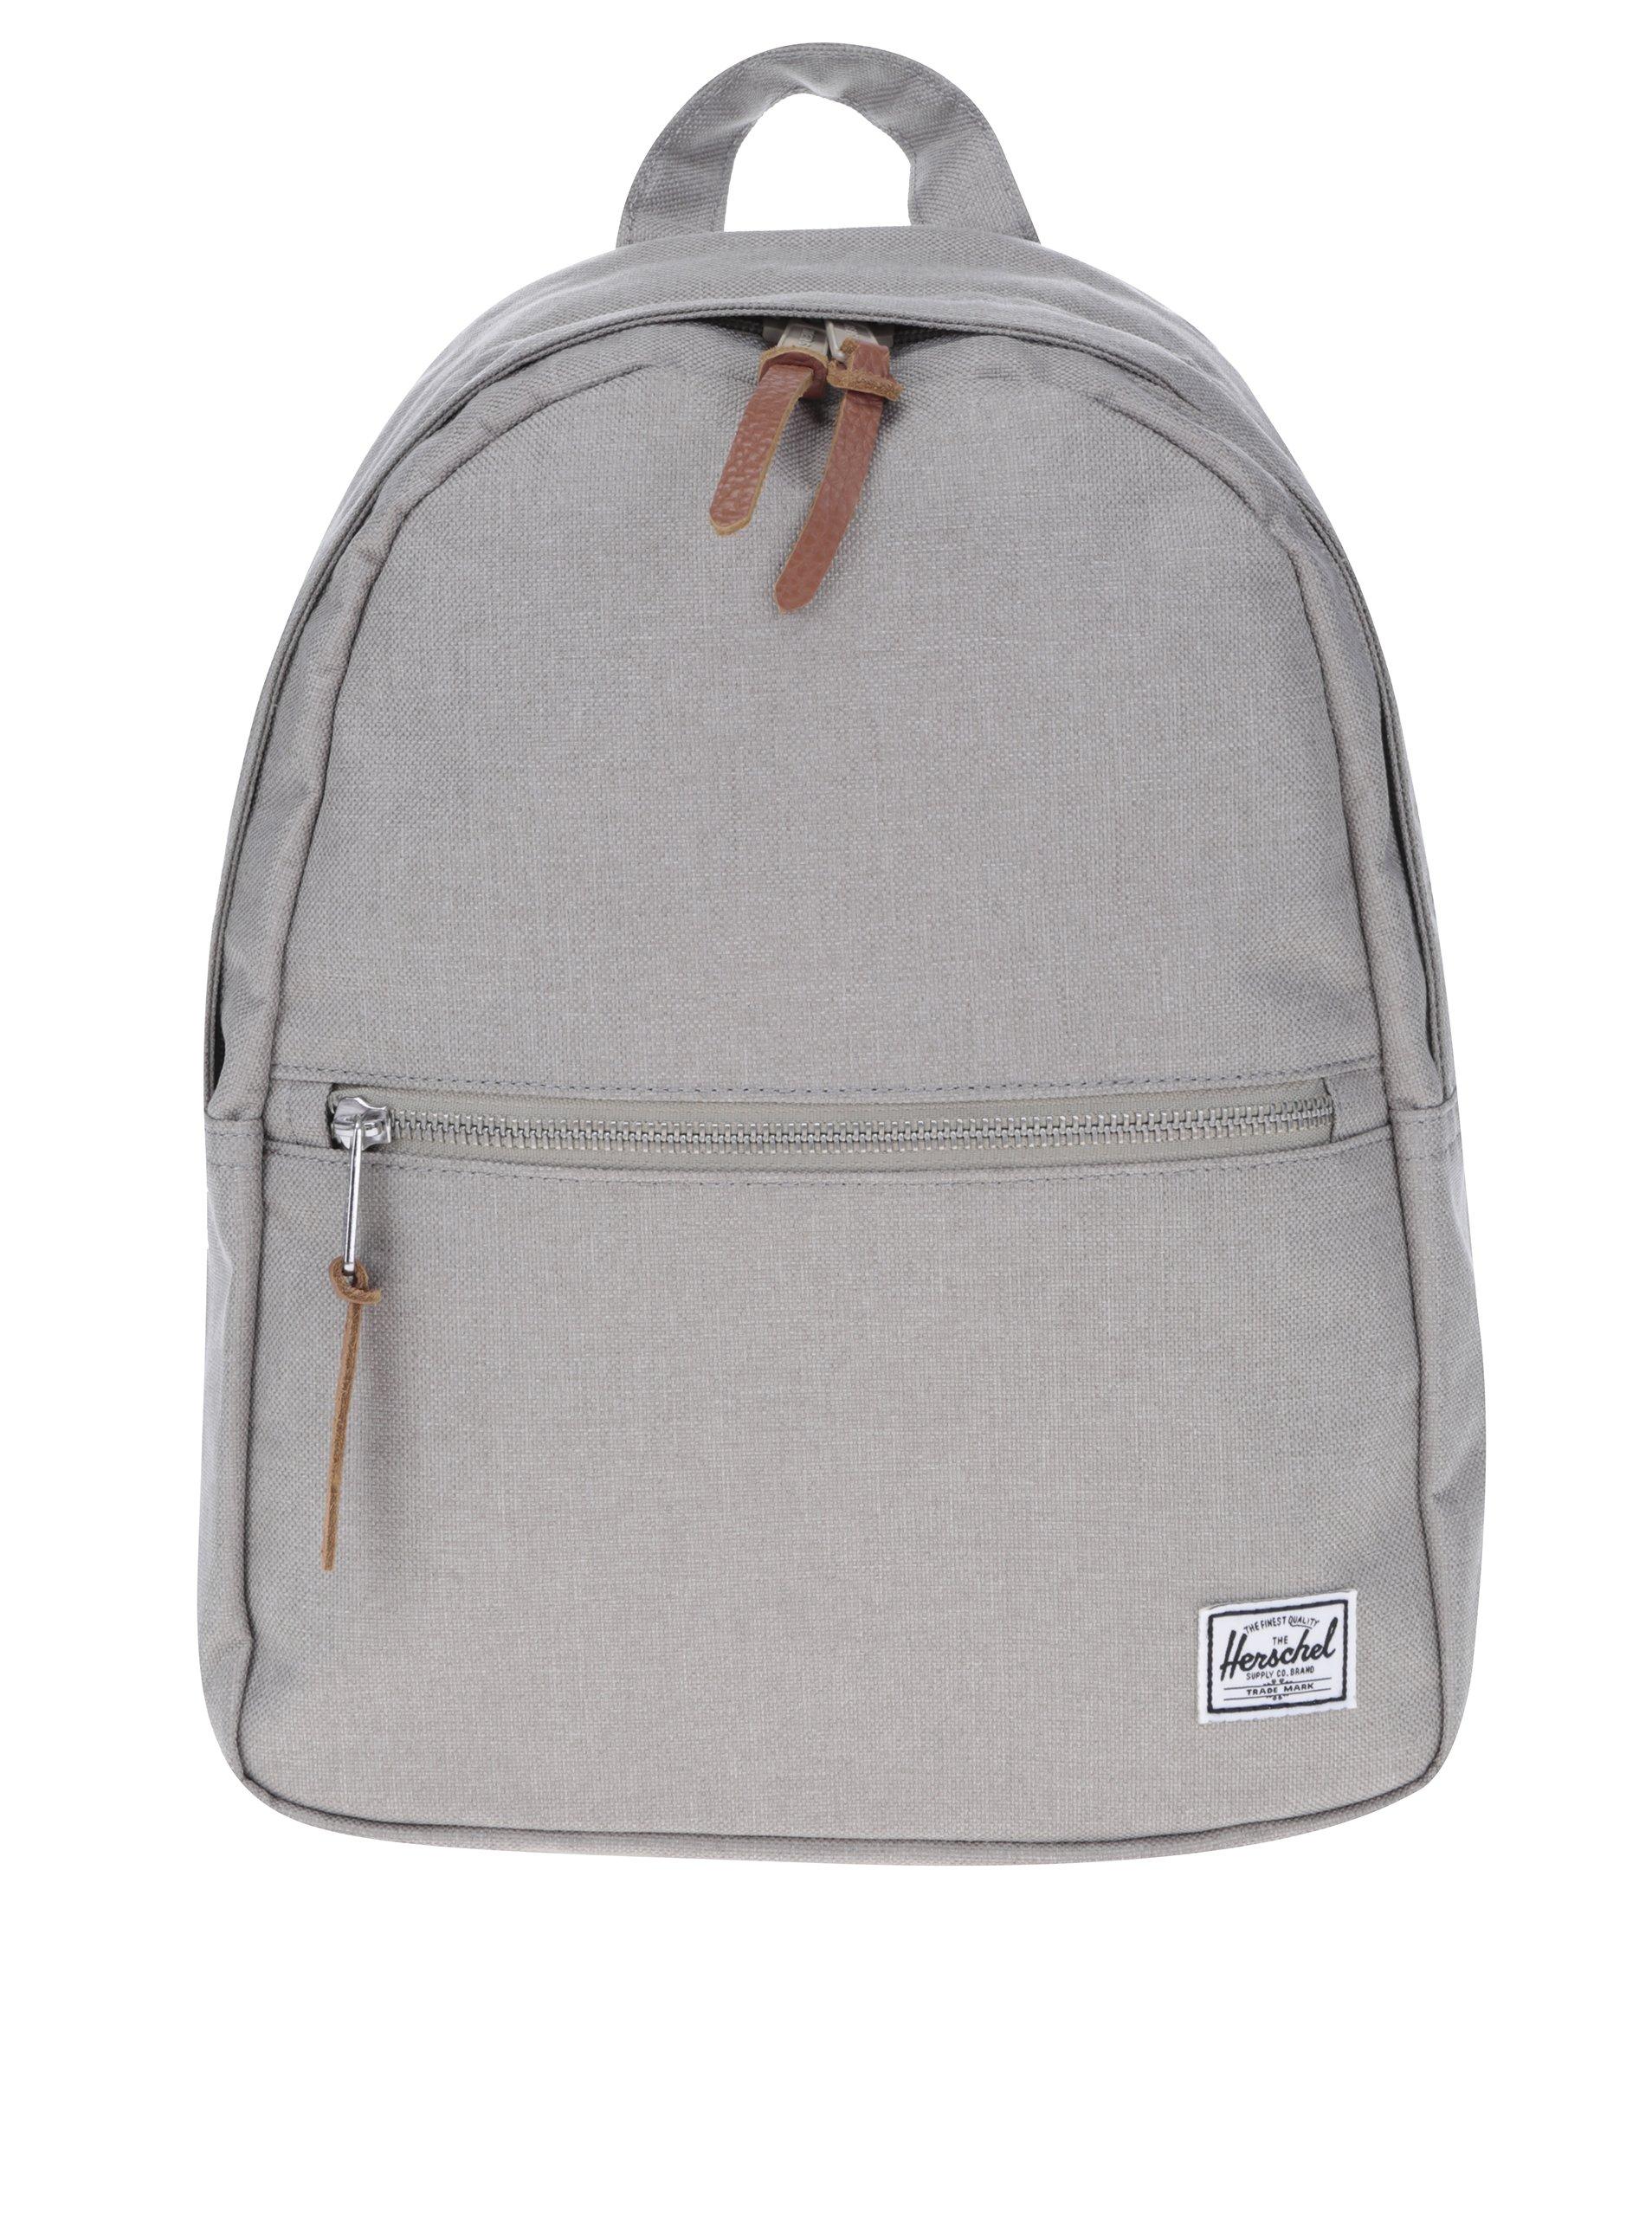 Světle šedý malý batoh Herschel Town 7 l